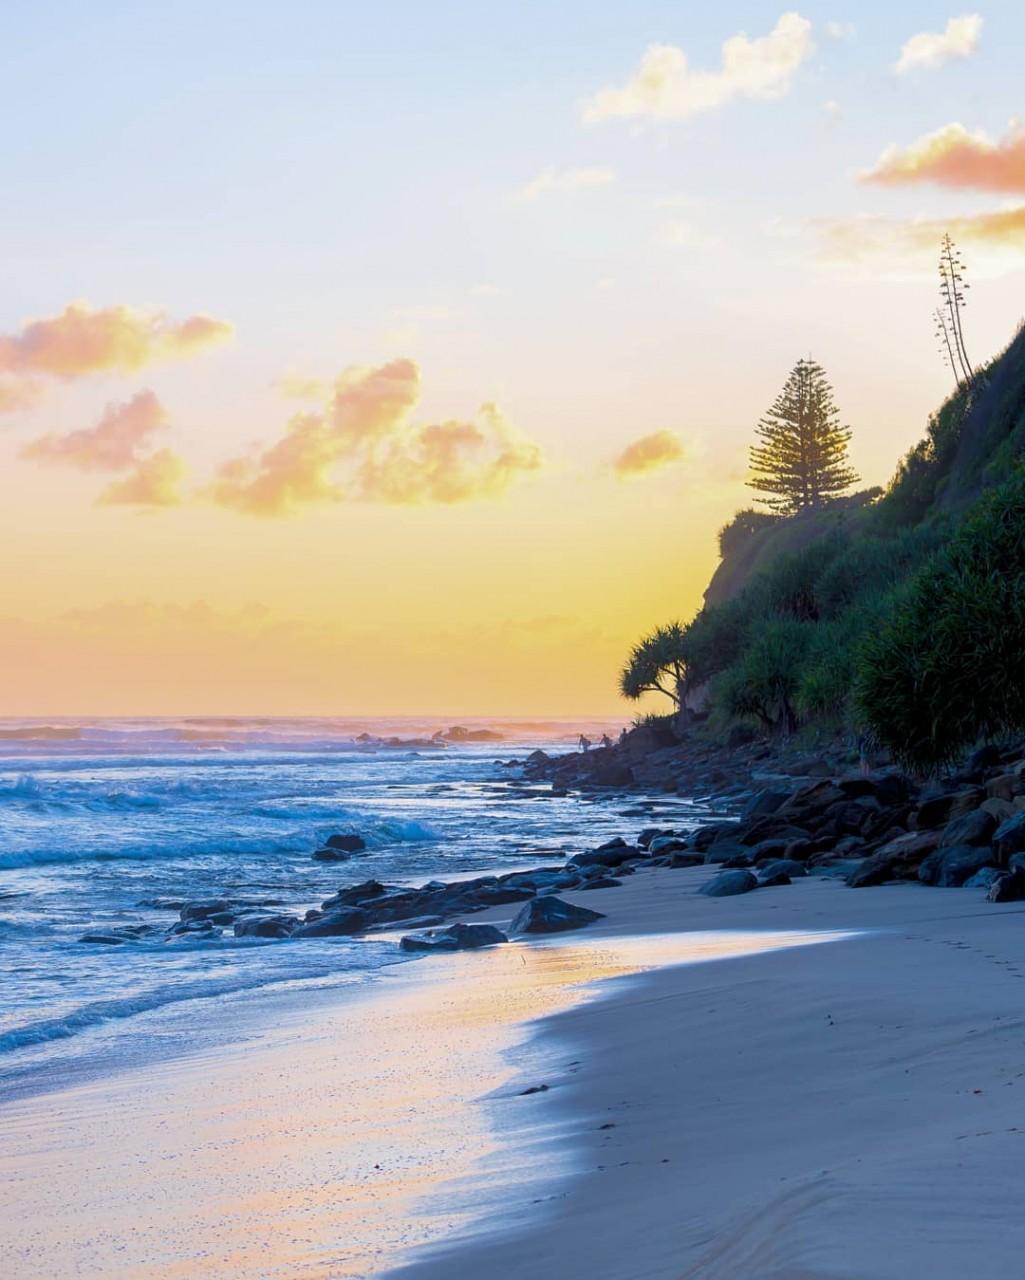 Красивые австралийские пейзажи на снимках Митчелла Петтигрю Австралия